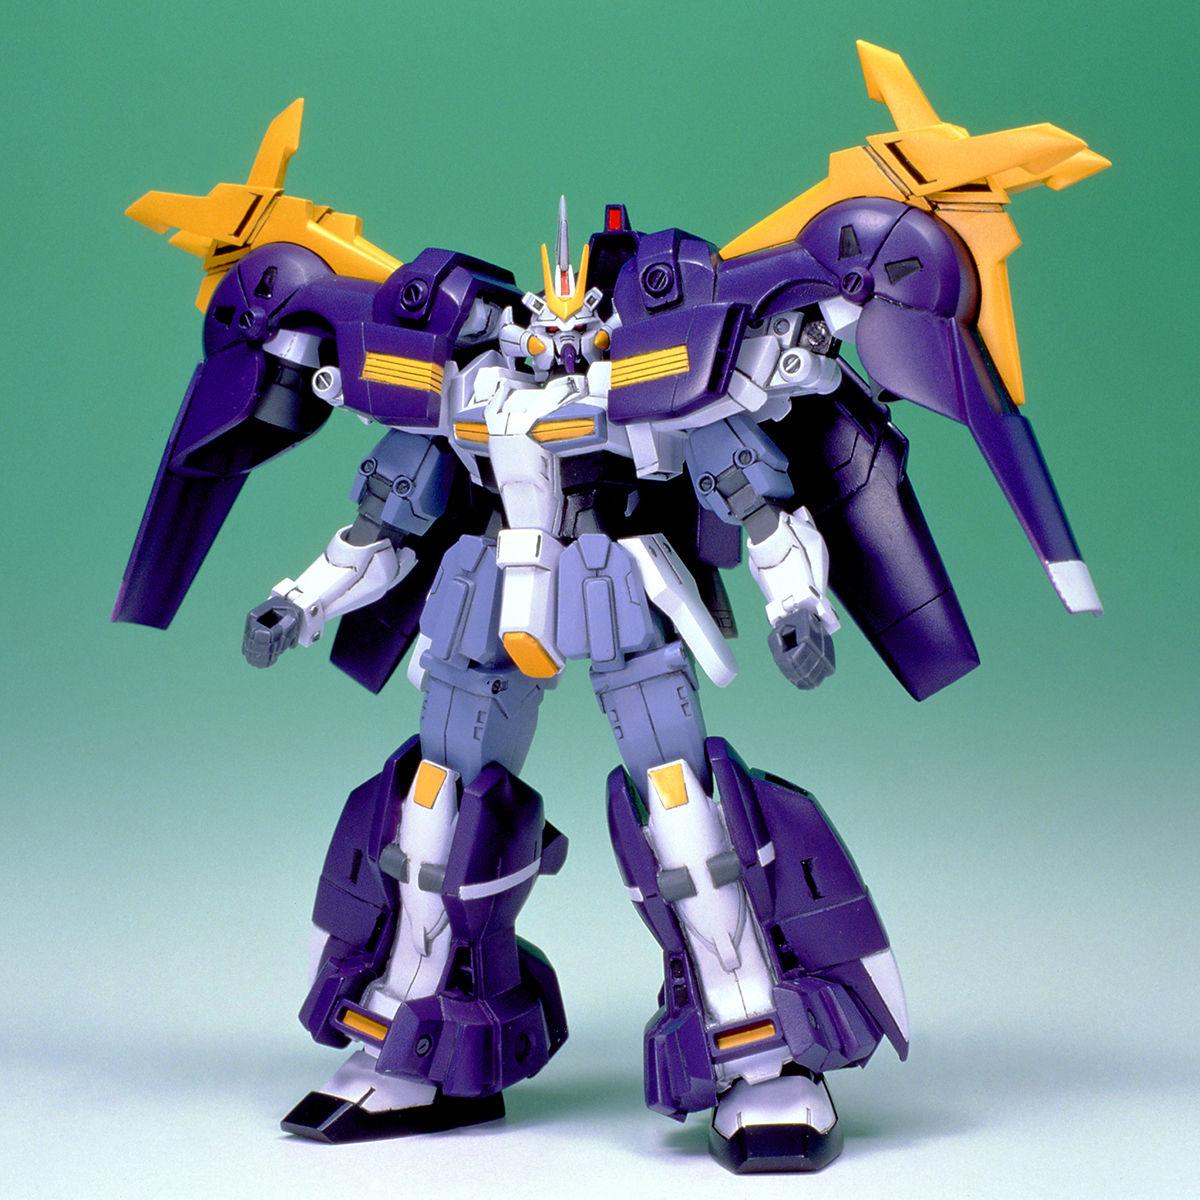 7666HG 1/144 OZ-10VMSX ガンダムアスクレプオス [Gundam Aesculapius] 5057419